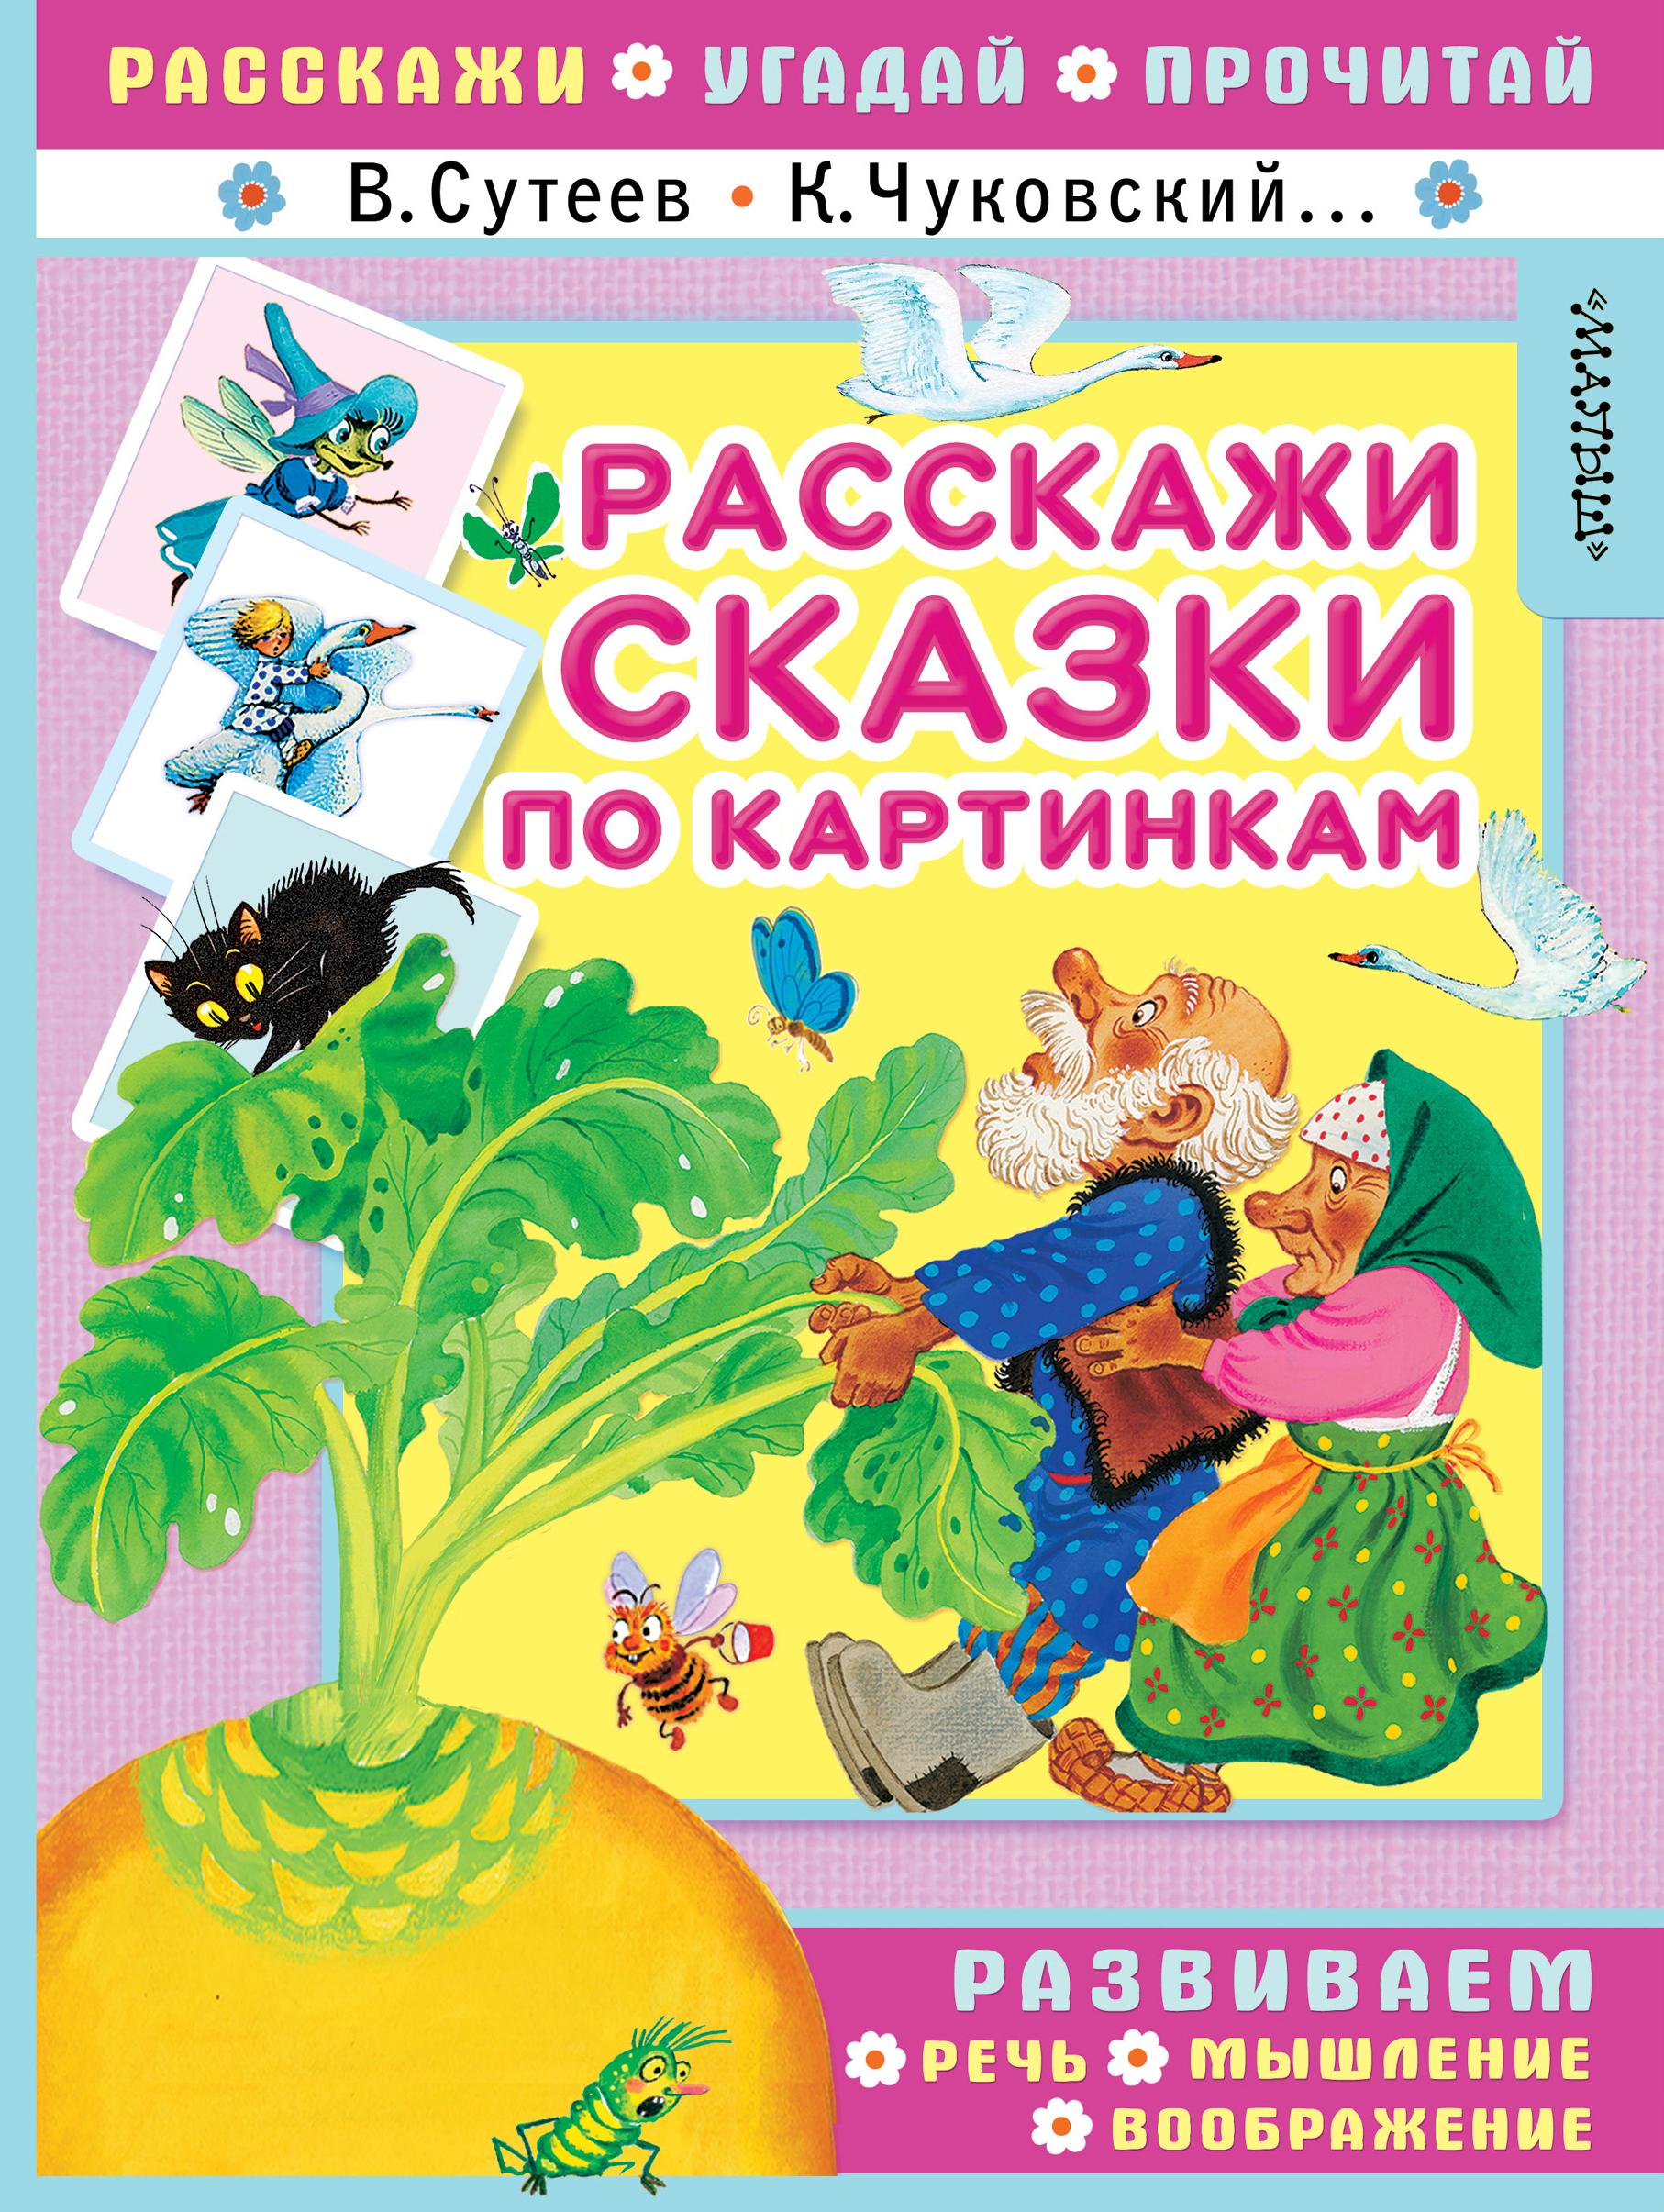 В. Сутеев, К. Чуковский и др. Расскажи сказки по картинкам